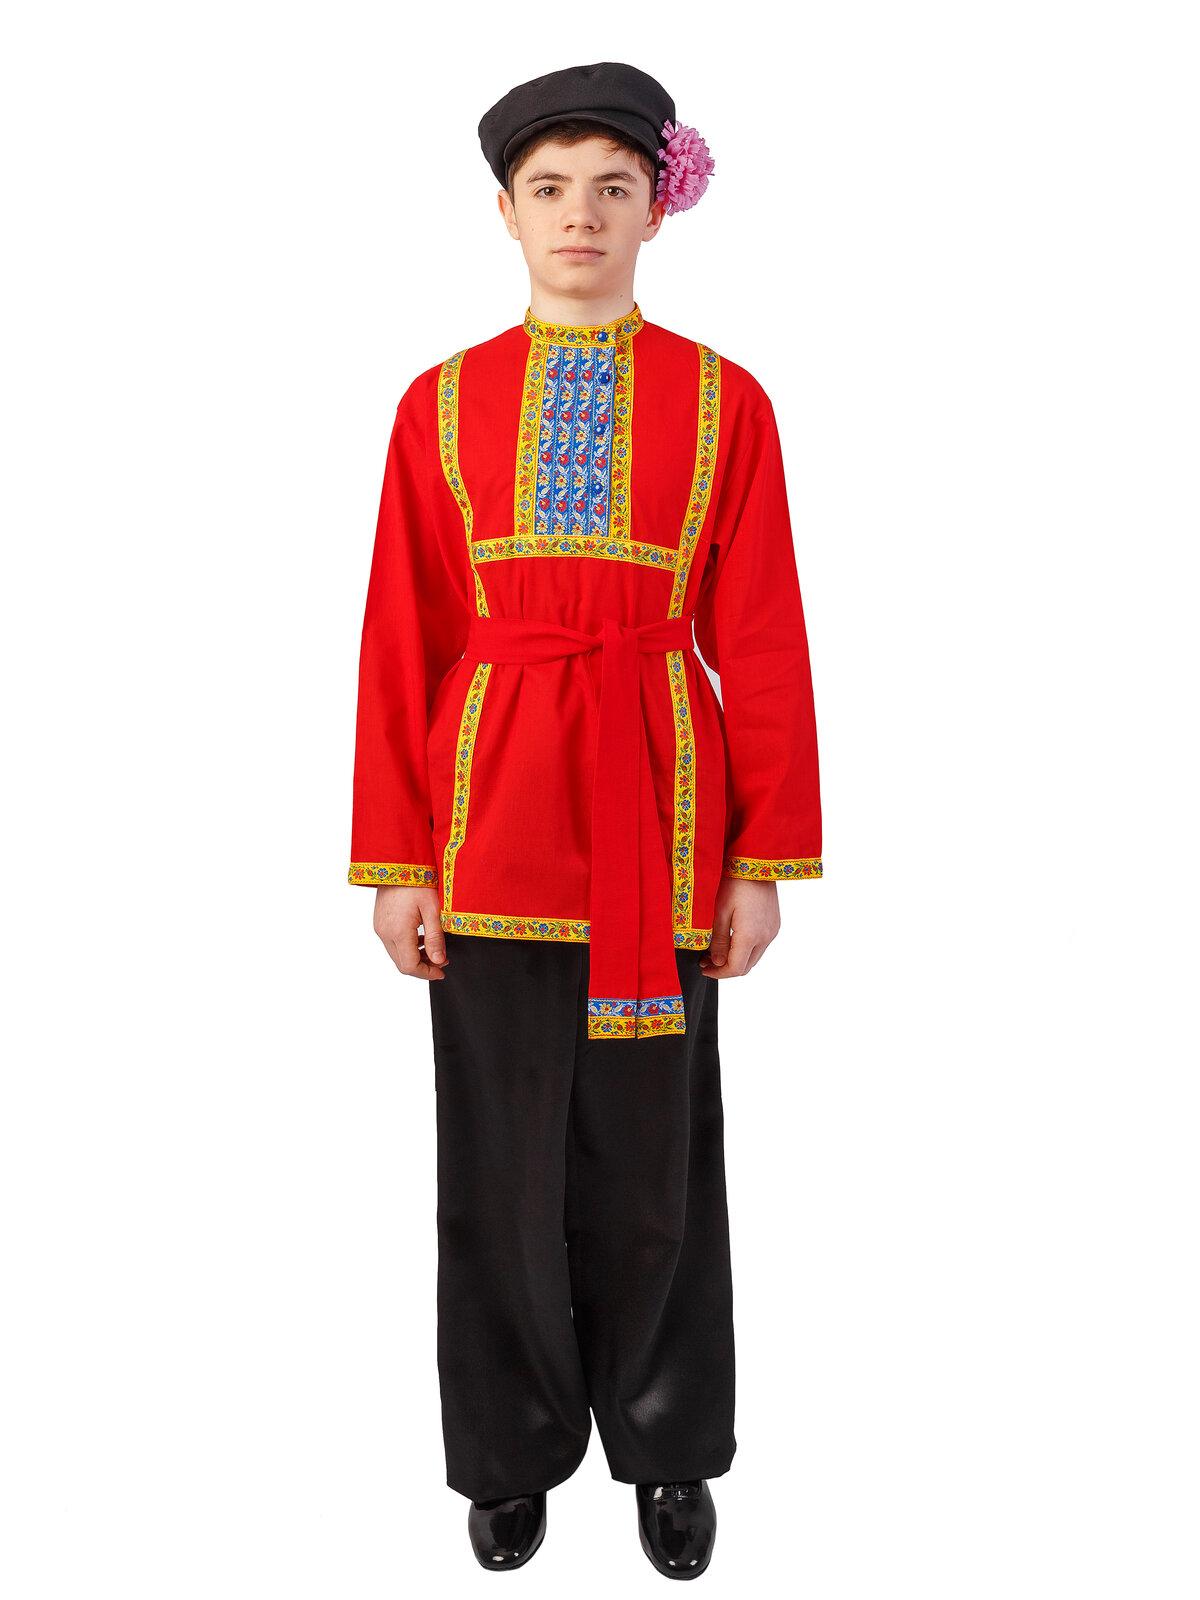 везут национальные костюмы в россии свадьбой прозе основе